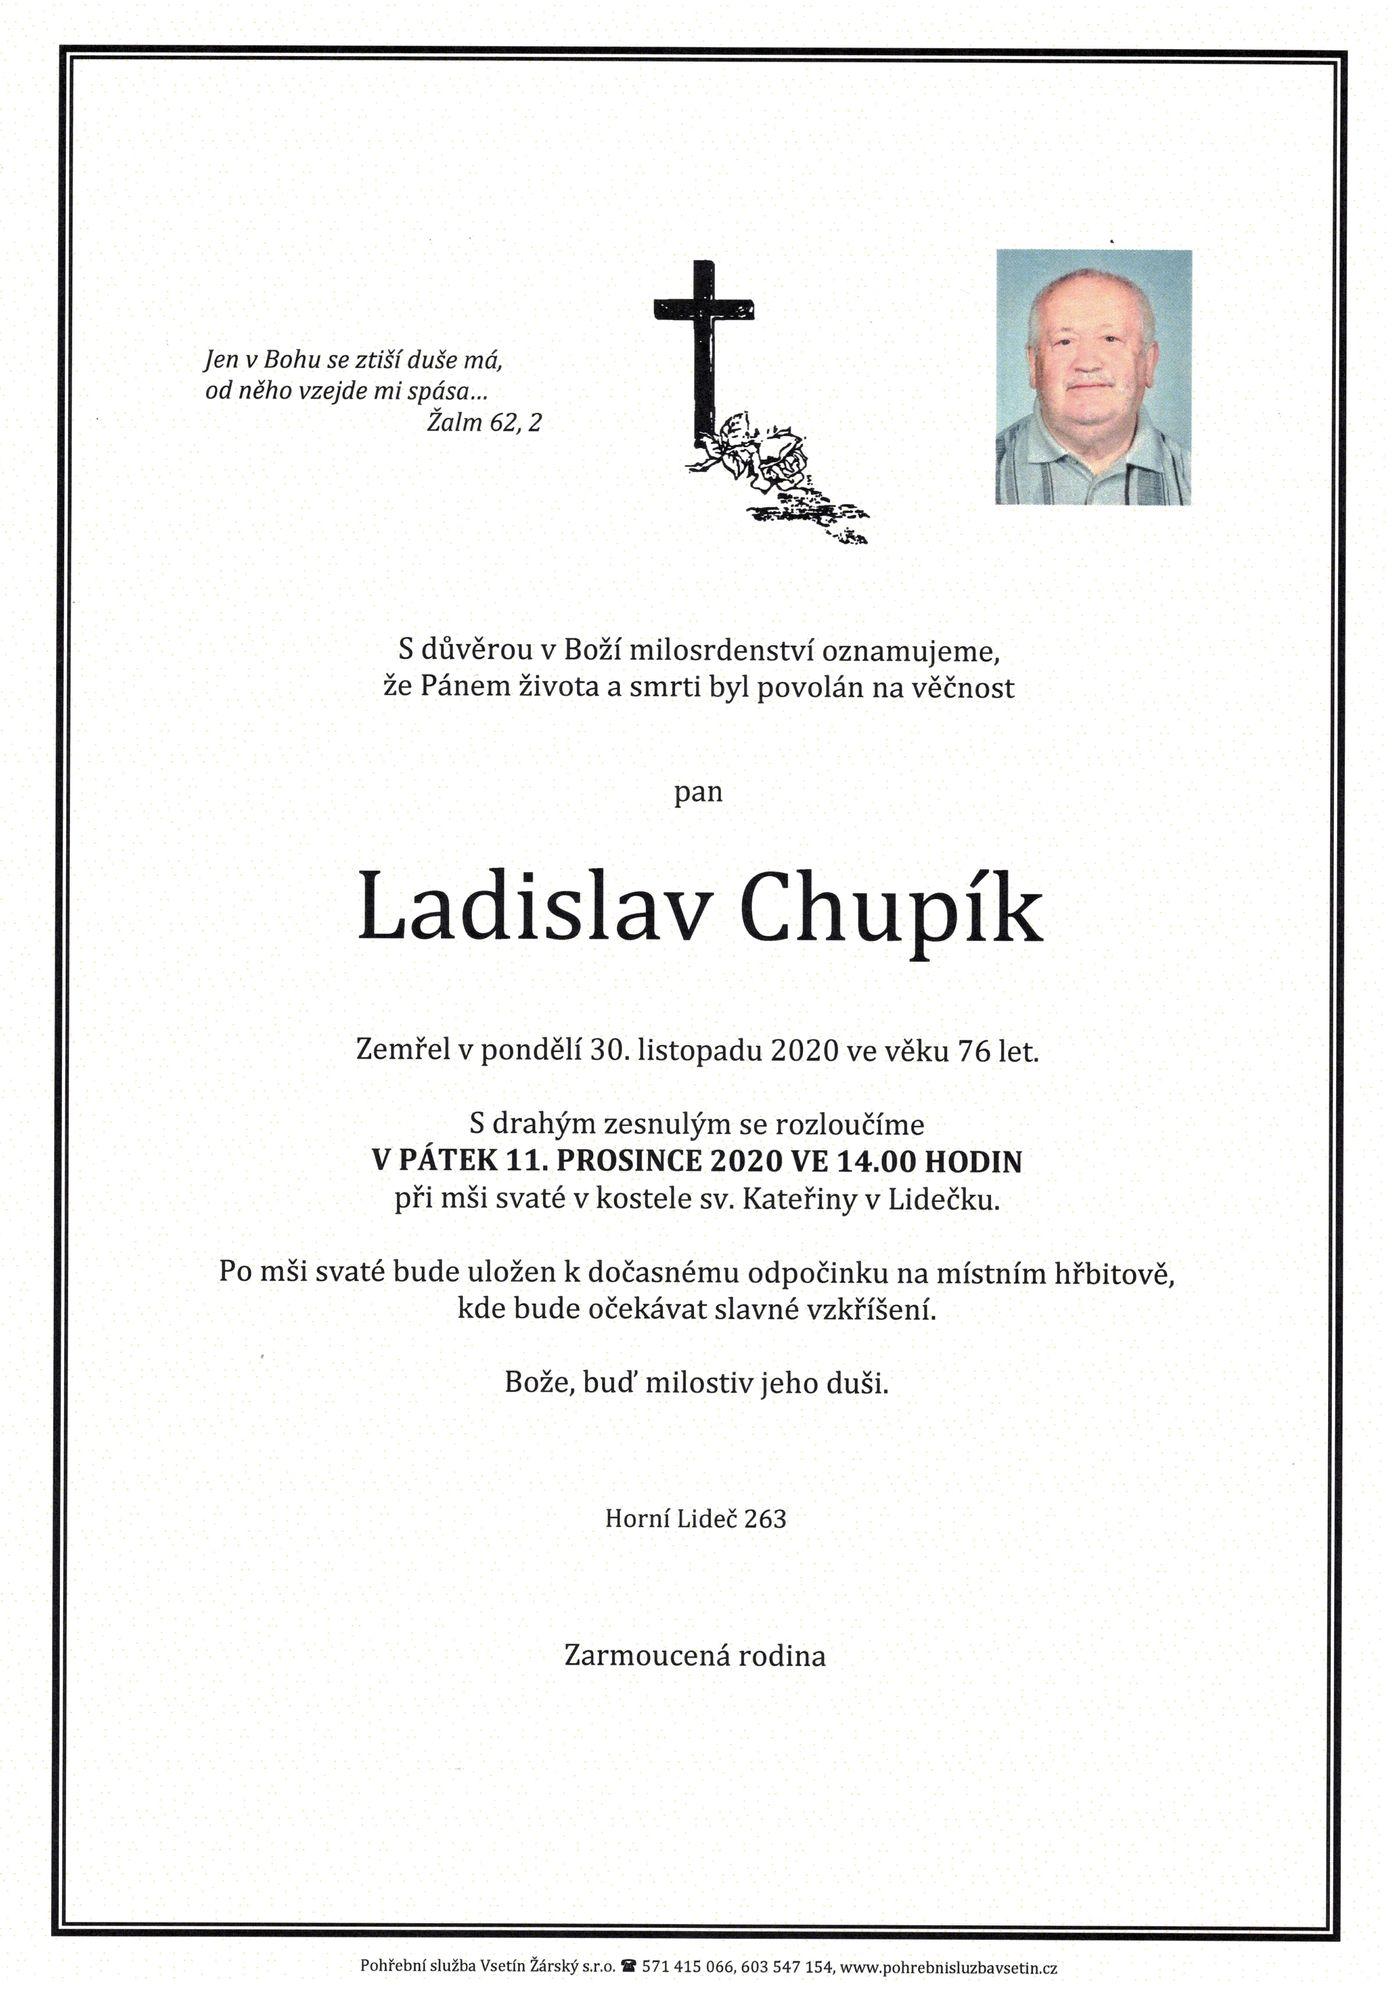 Ladislav Chupík